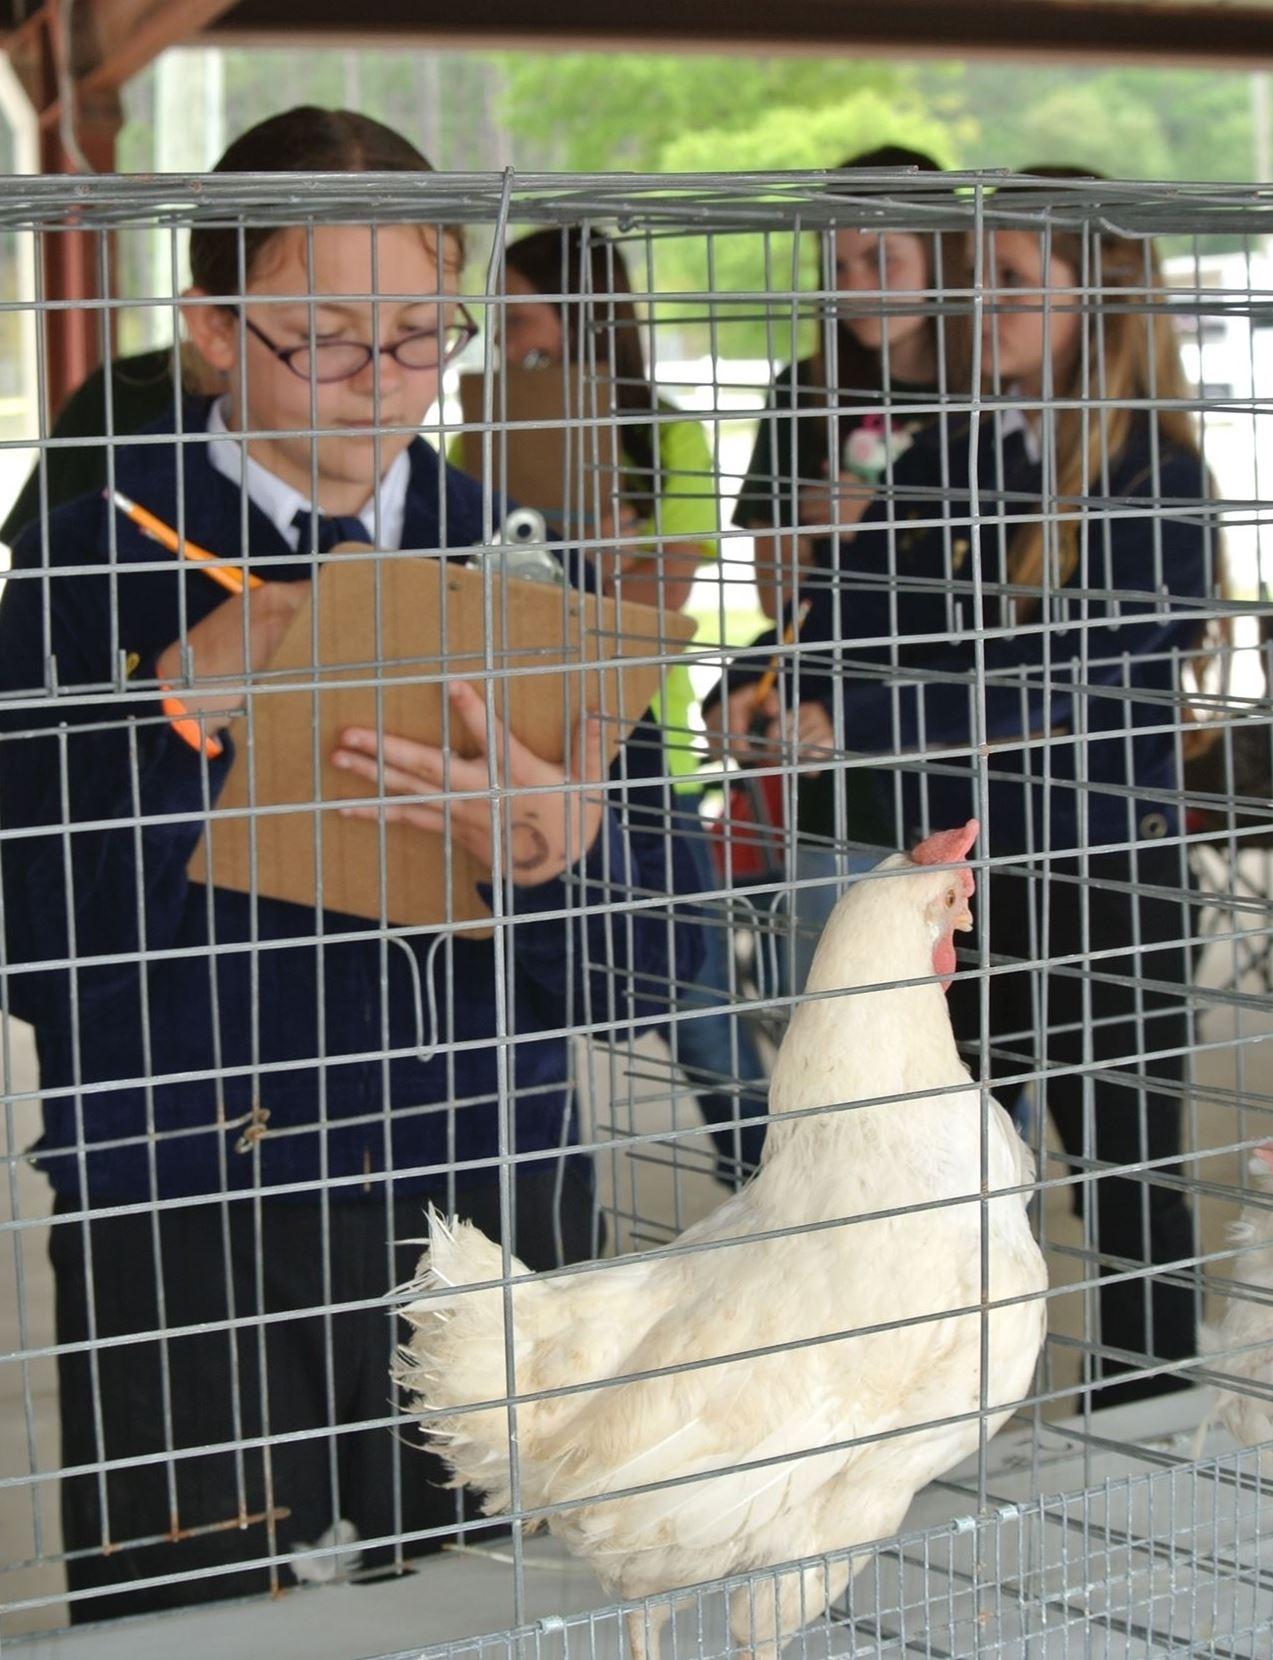 4H / Ffa Poultry Judging Inside Clay County Florida School Calendar 2021